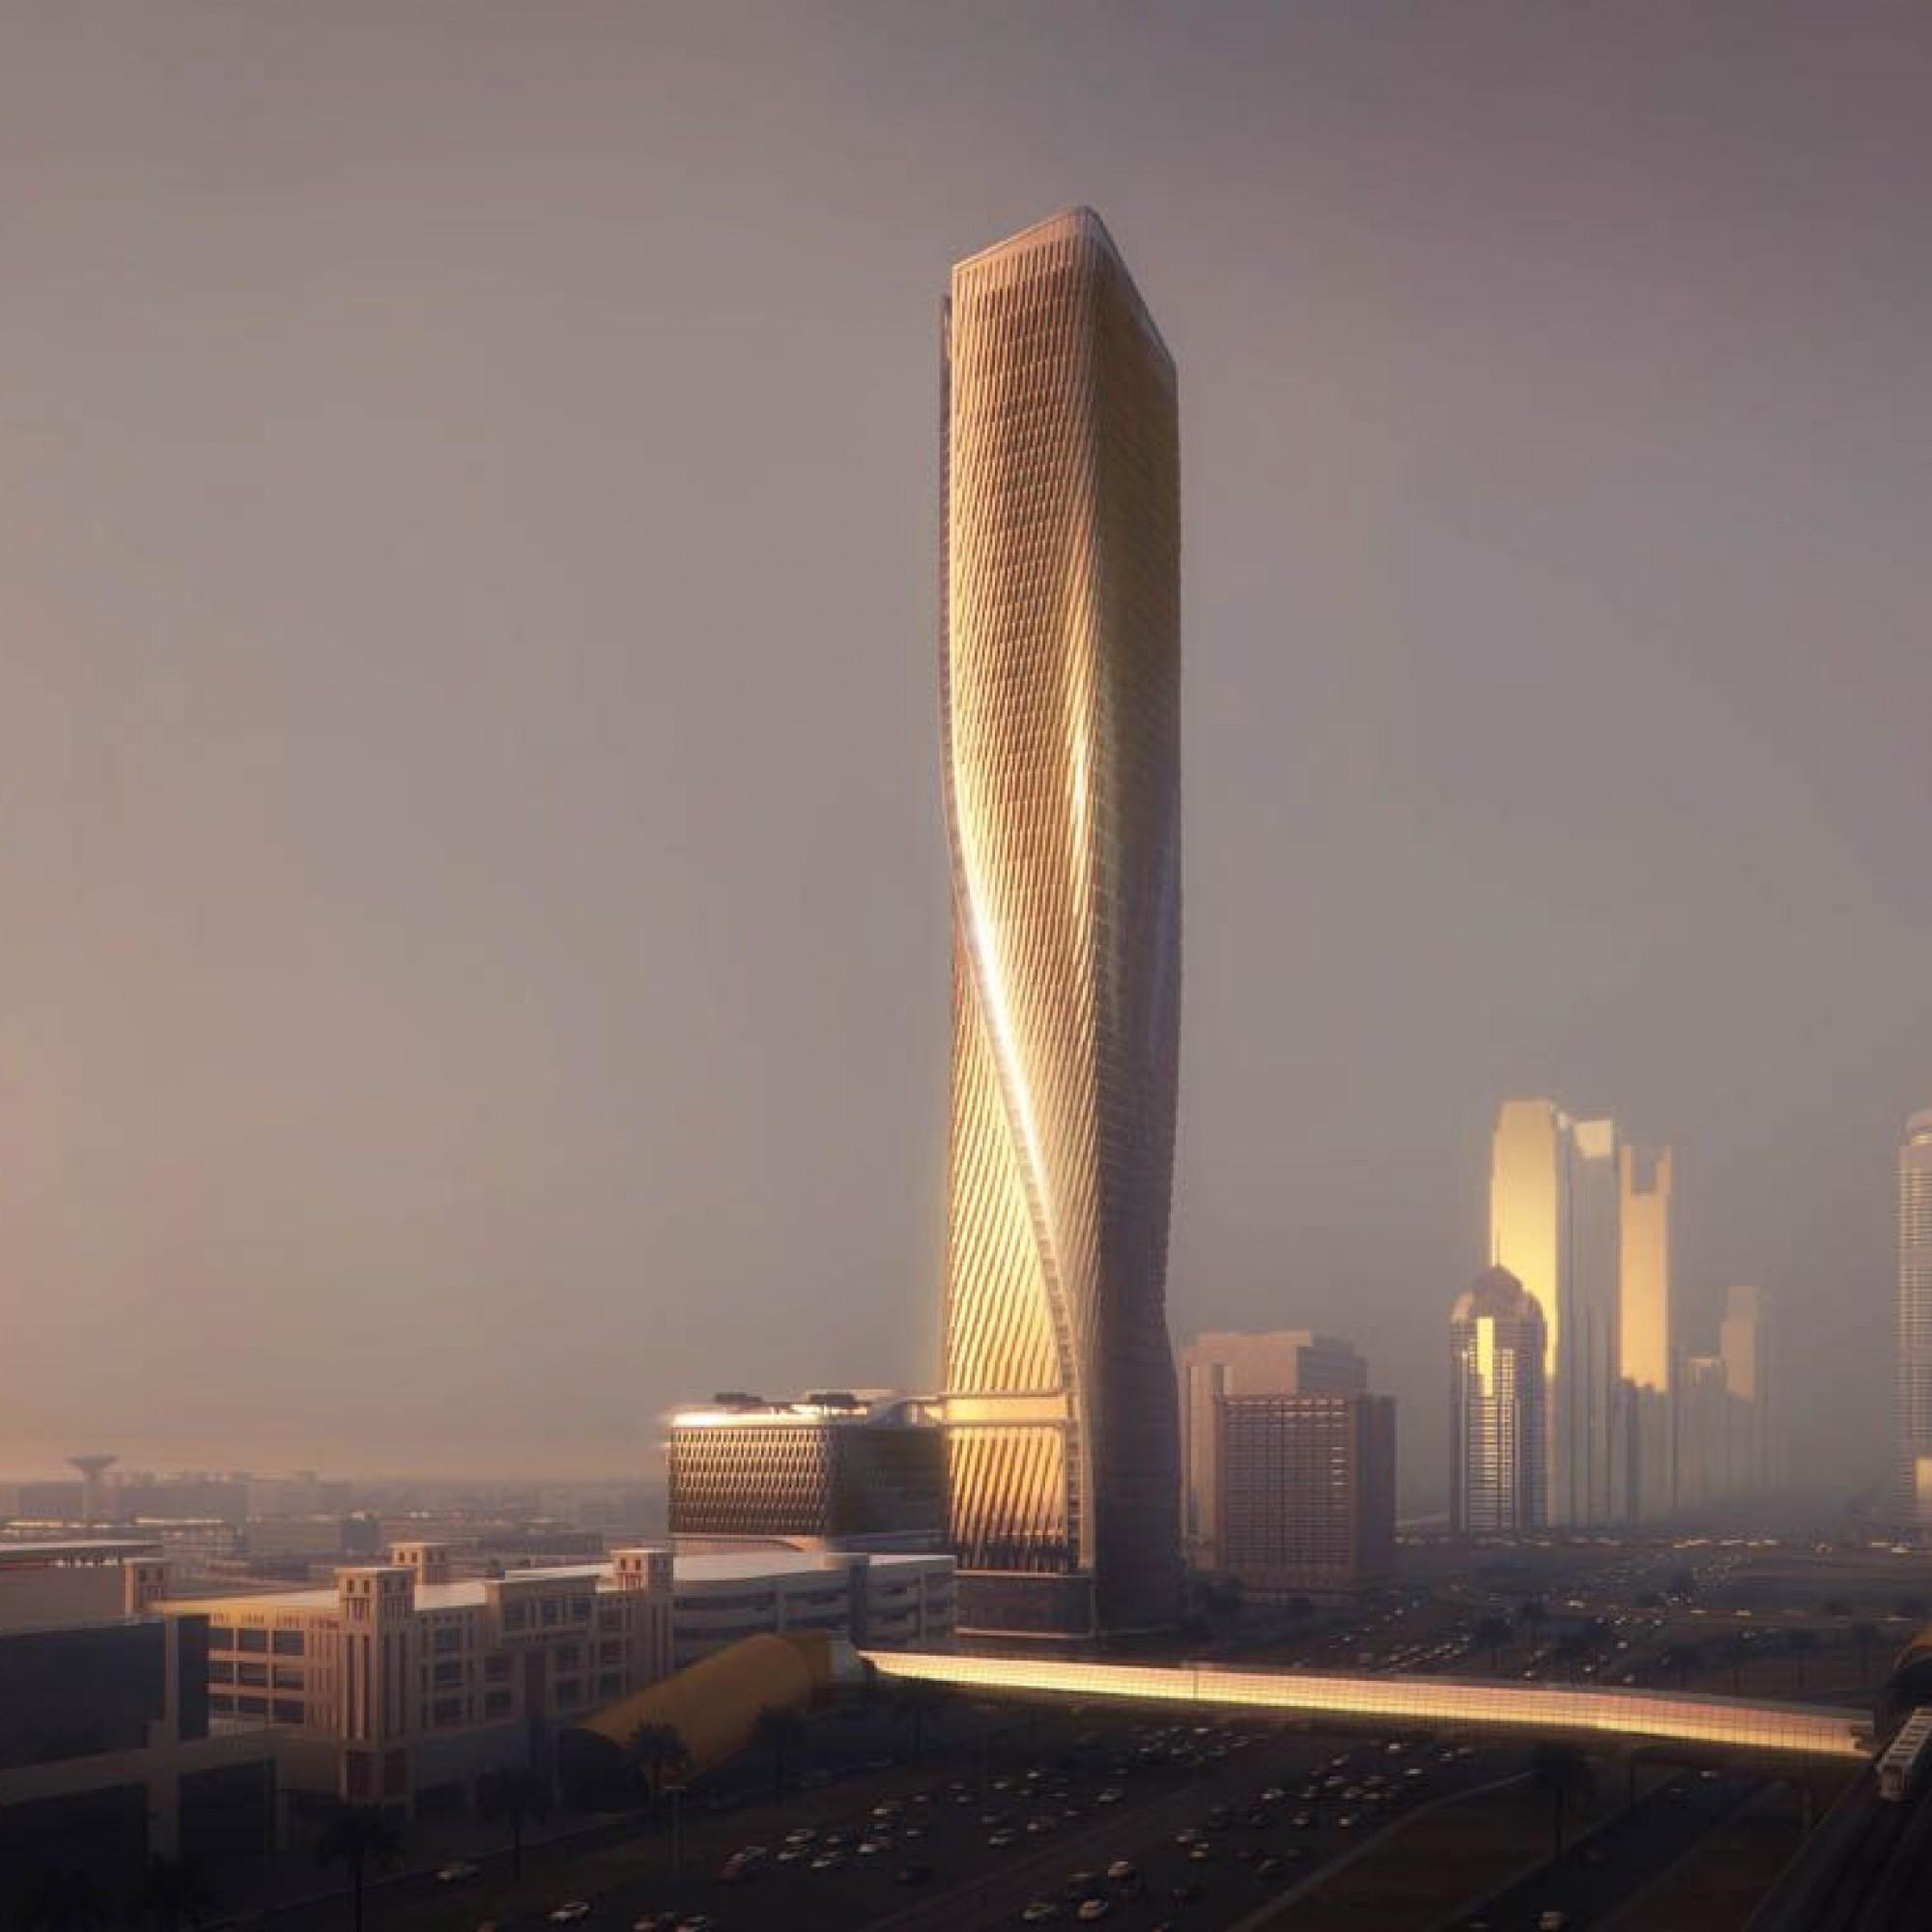 Wasl Tower à Dubai, la plus grande façade céramique du monde